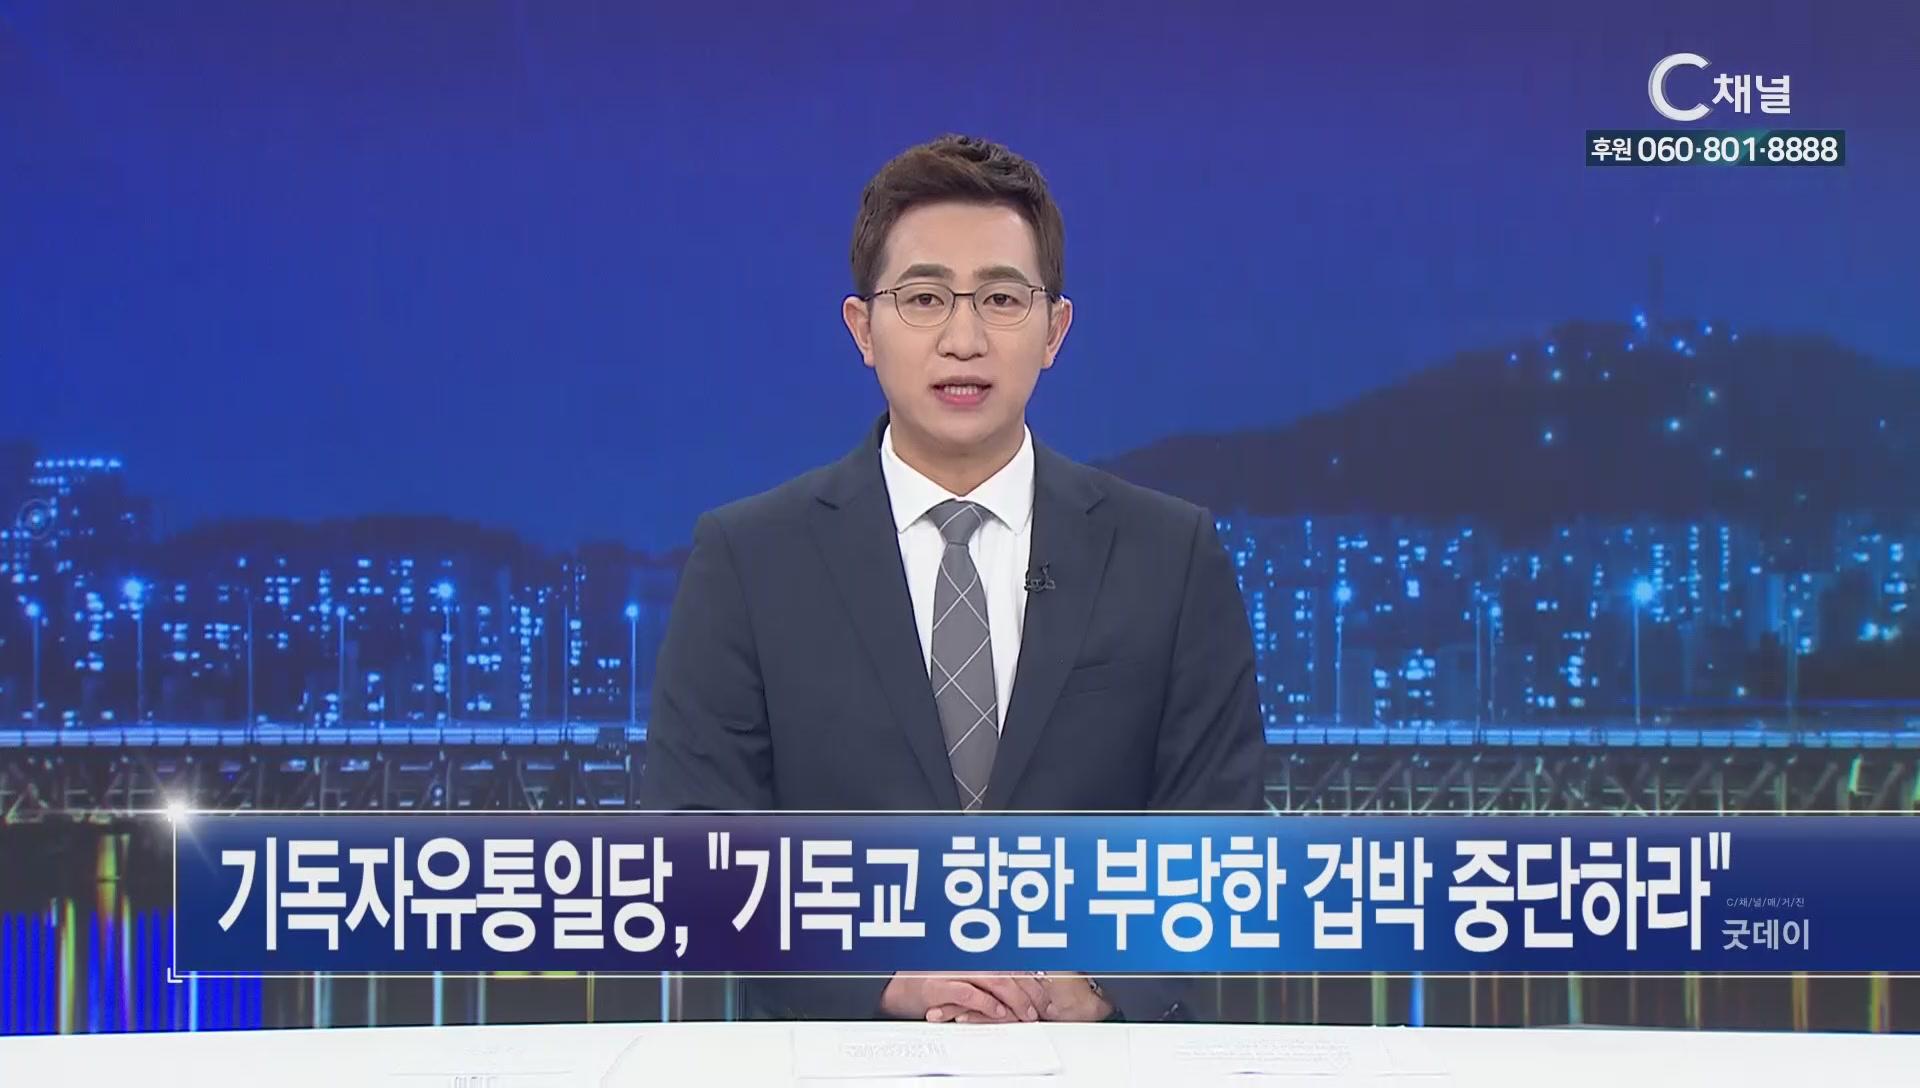 C채널 매거진 굿데이 2020년 04월 02일 C채널 뉴스